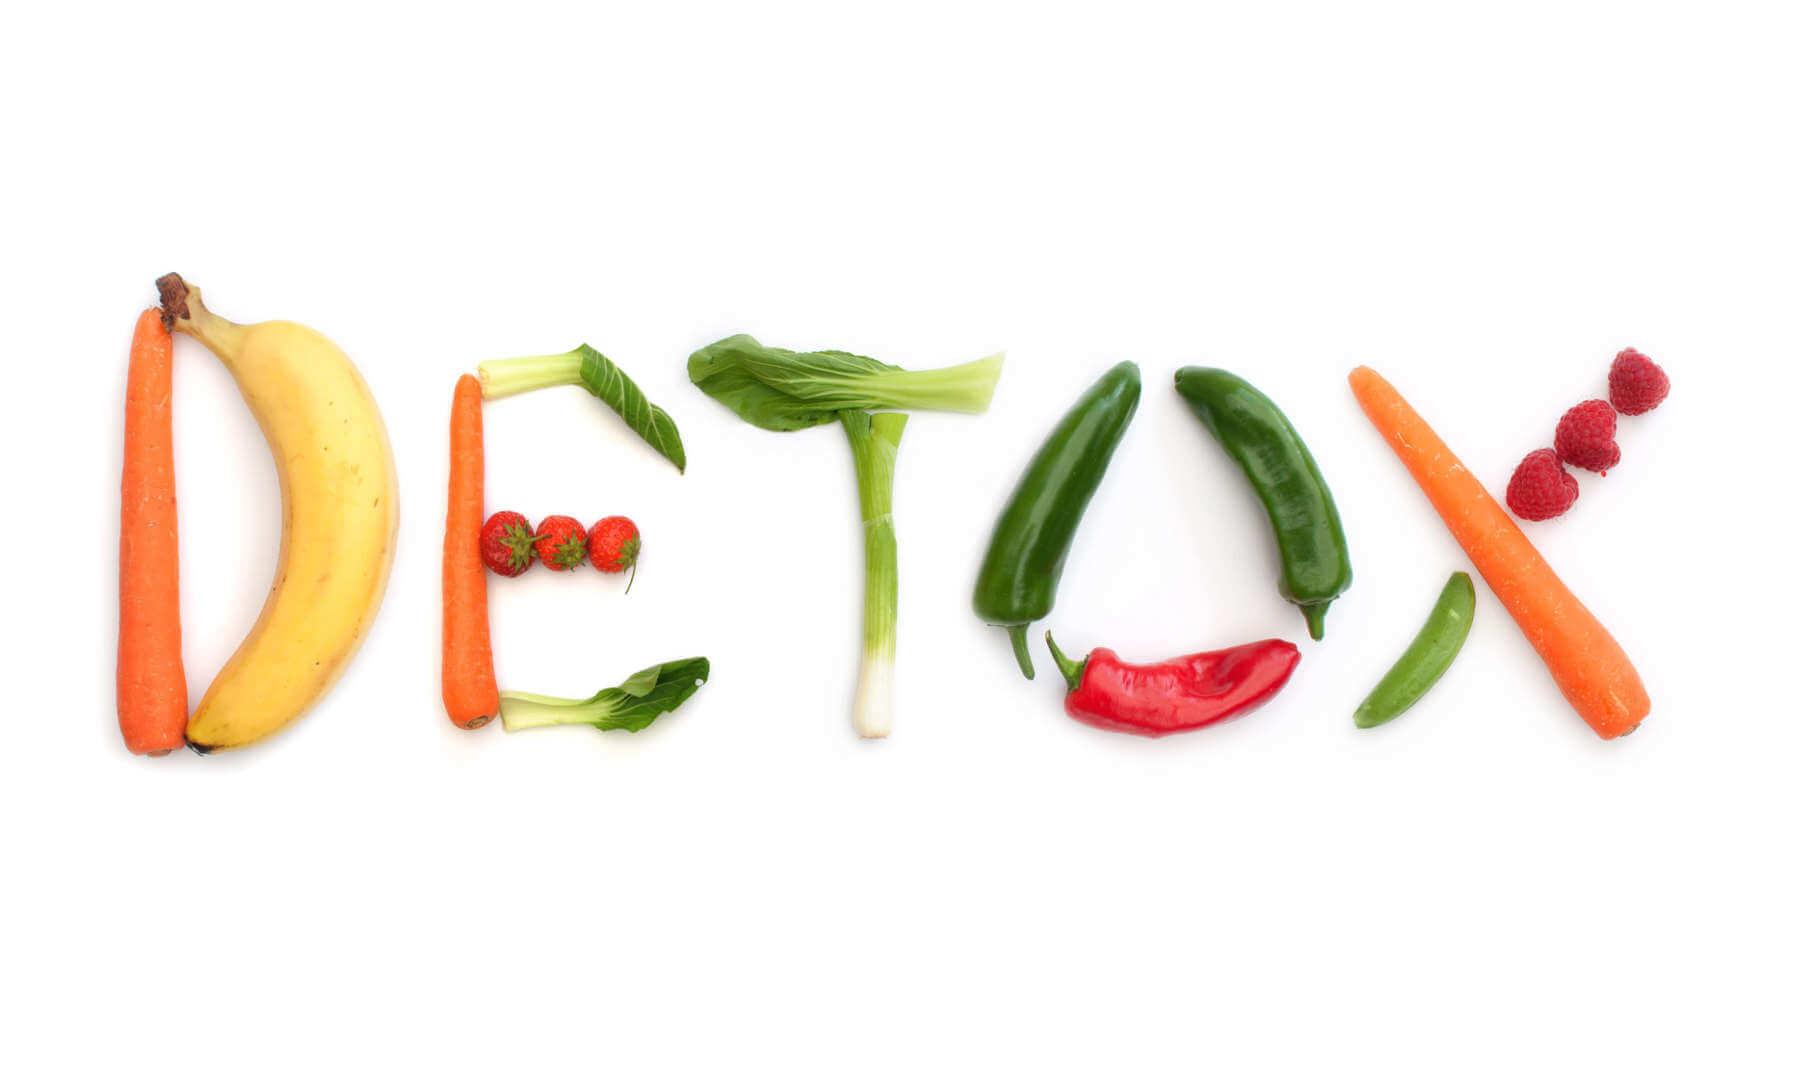 Palabra detox hecha de frutas y vegetales